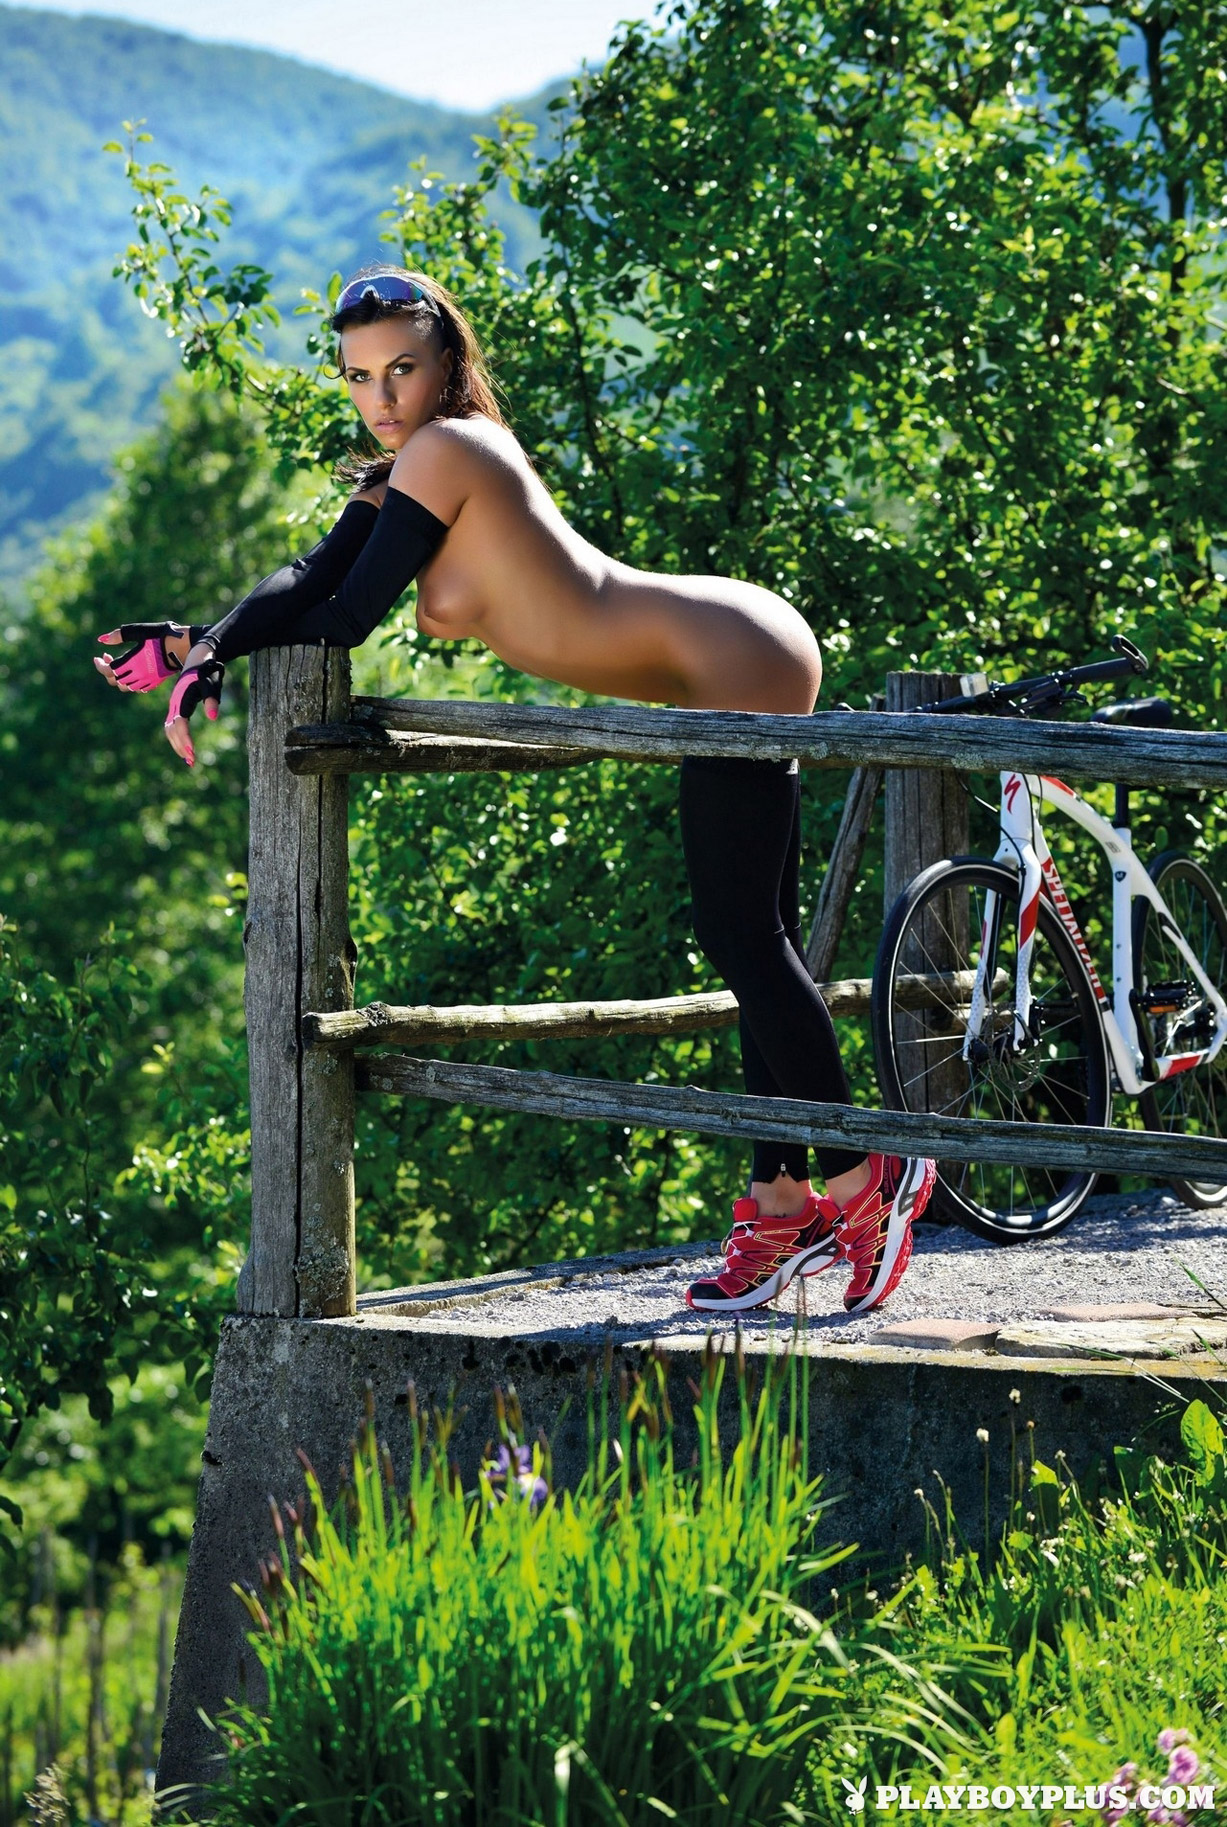 велопрогулка за городом с обнаженной красоткой Симоной Зубер / Simona Zuber nude by Vladimir Impric - Playboy Croatia june 2016